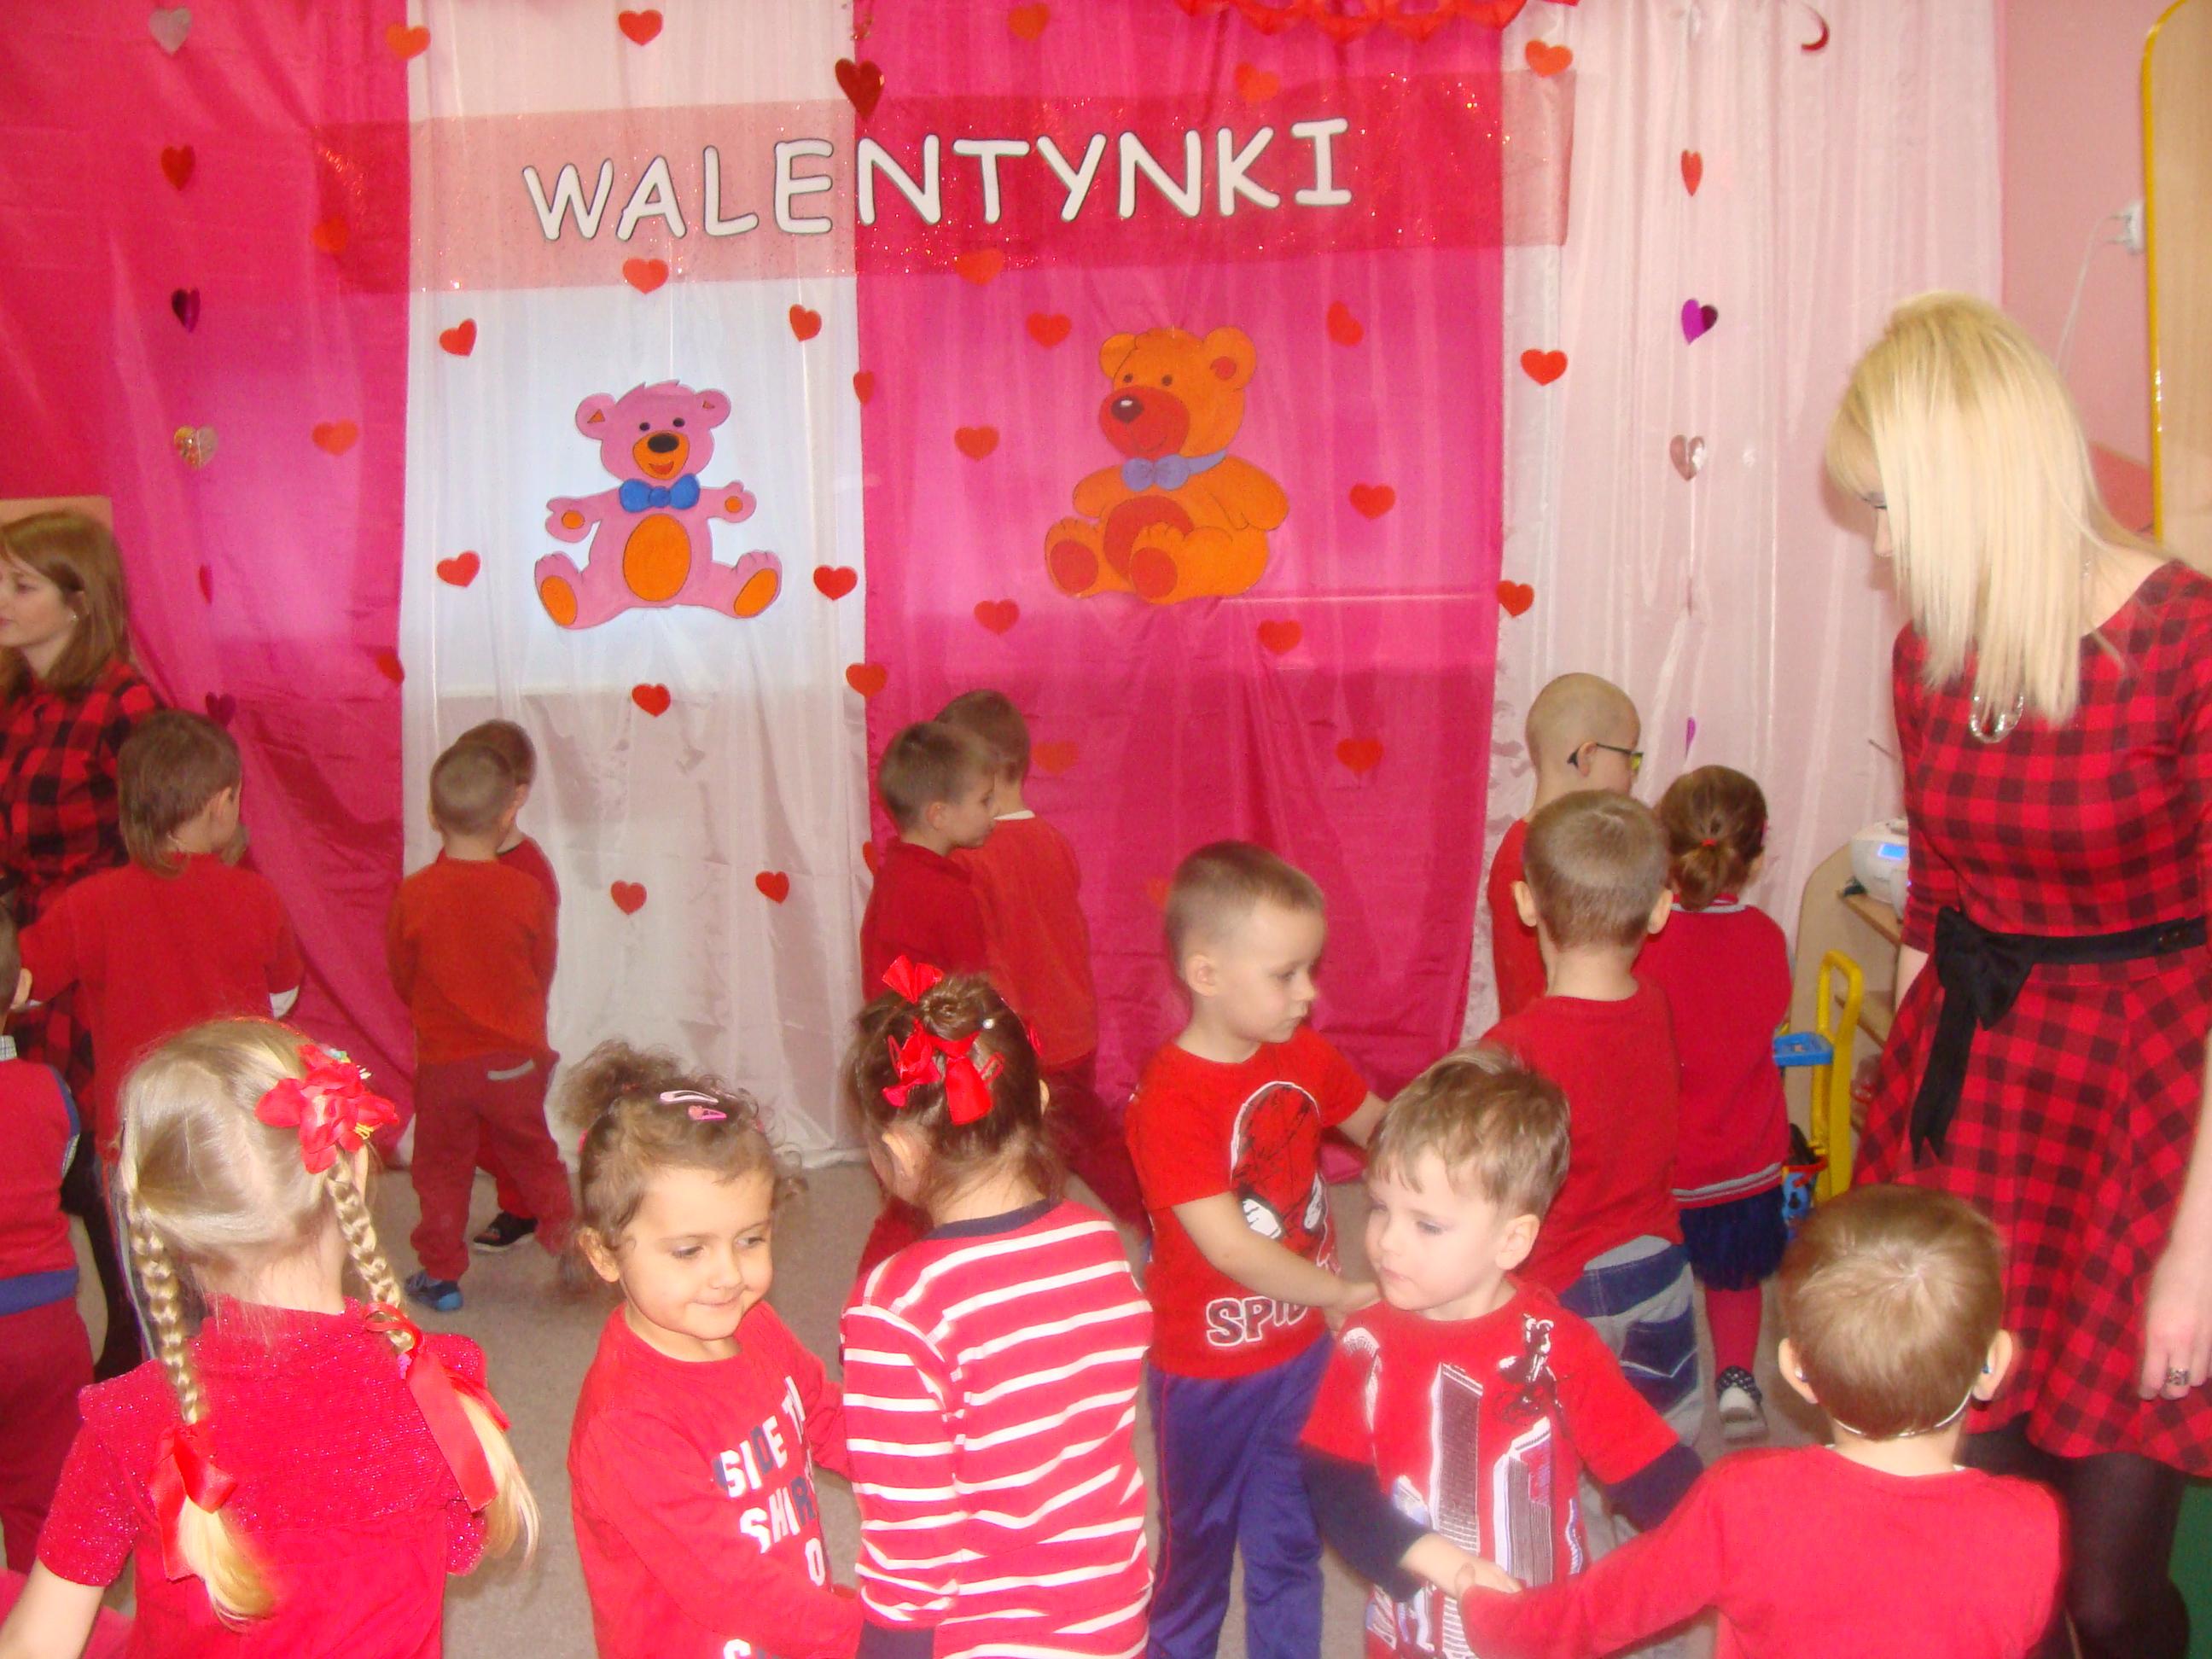 Zabawy Walentynkowe W Przedszkolu Gminnym Nr 1 W Bartoszycach